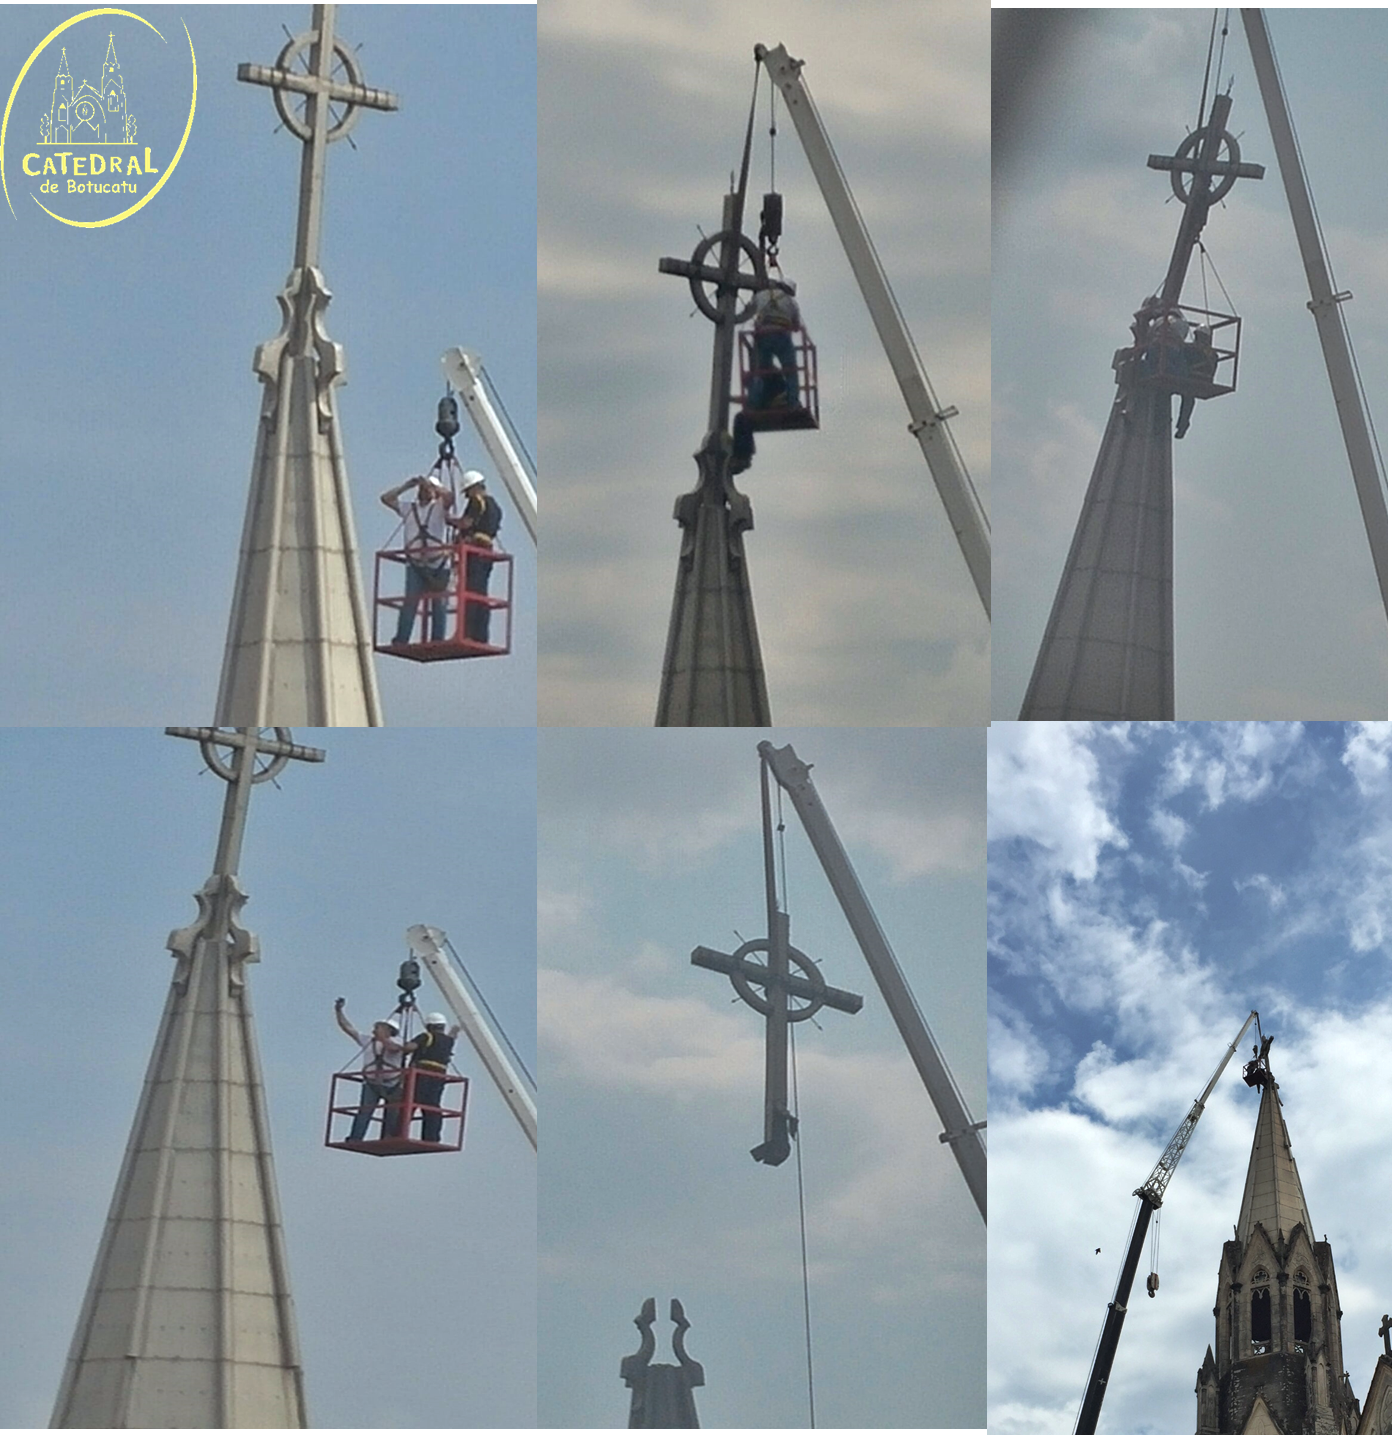 Catedral esclarece sobre a retirada da cruz de uma das torres, devido a danos causados pela ventania